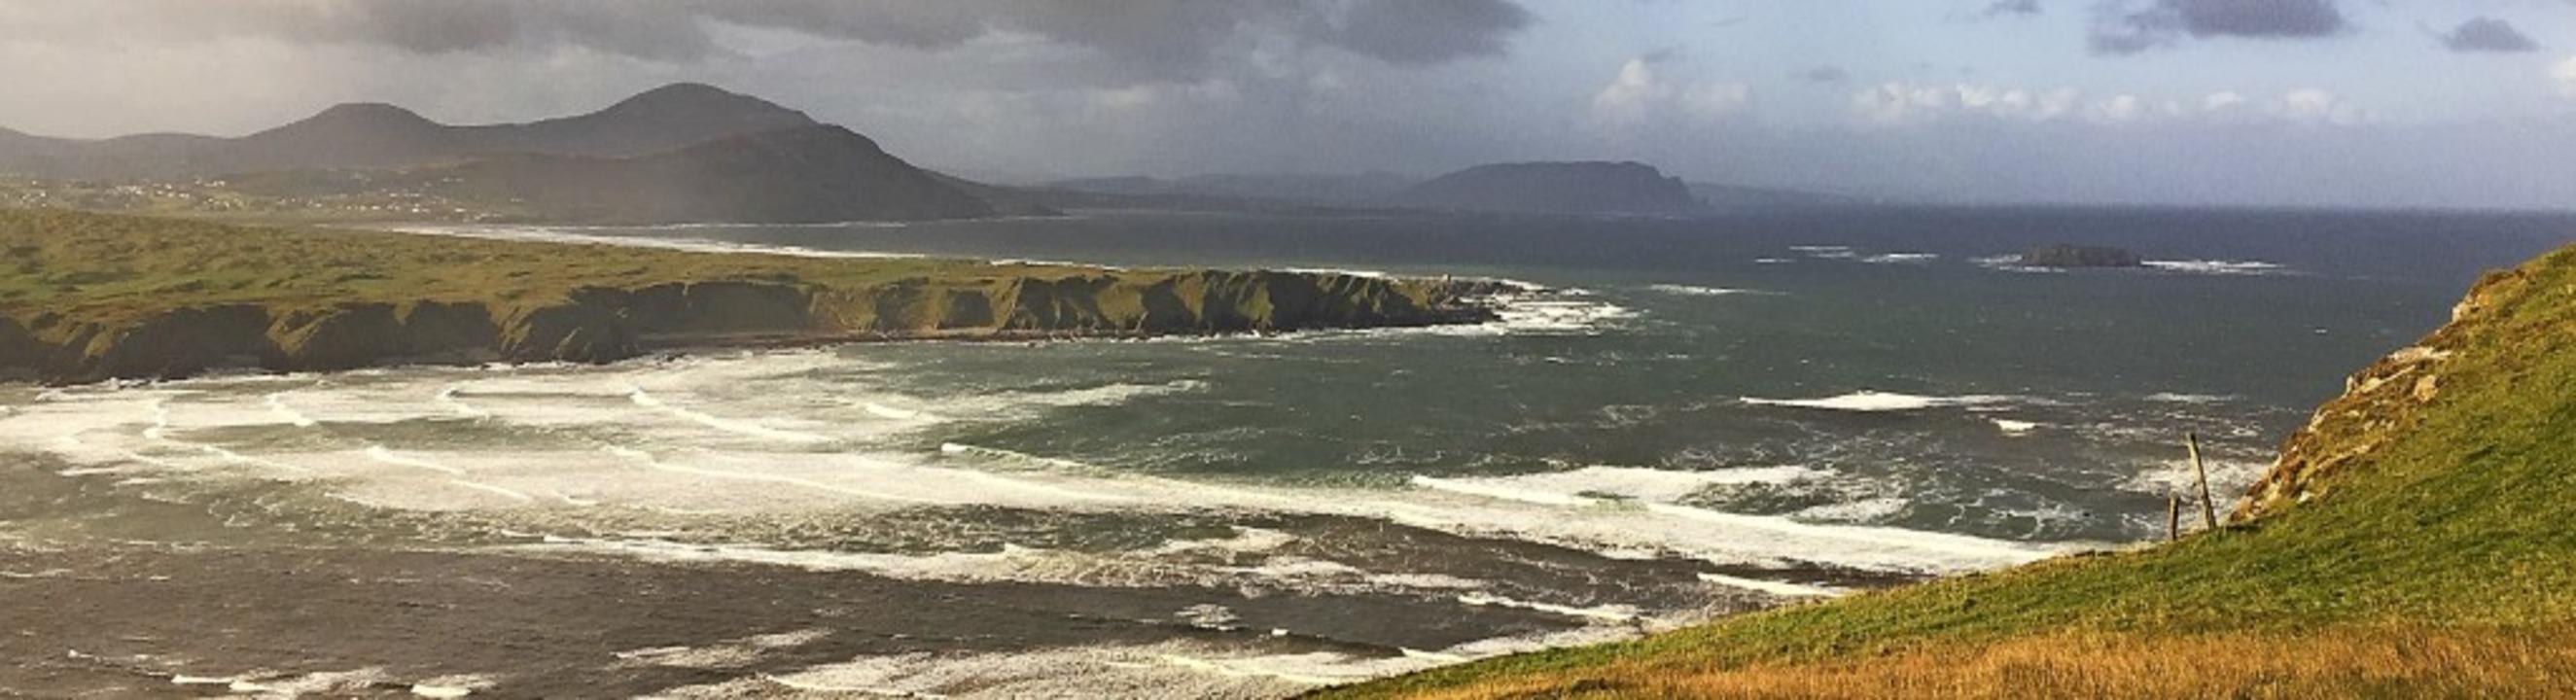 Grandiose Natur, meist vom Wind umtost...n Head, der nördlichste Punkt  Irlands    Foto: Michael Dörfler